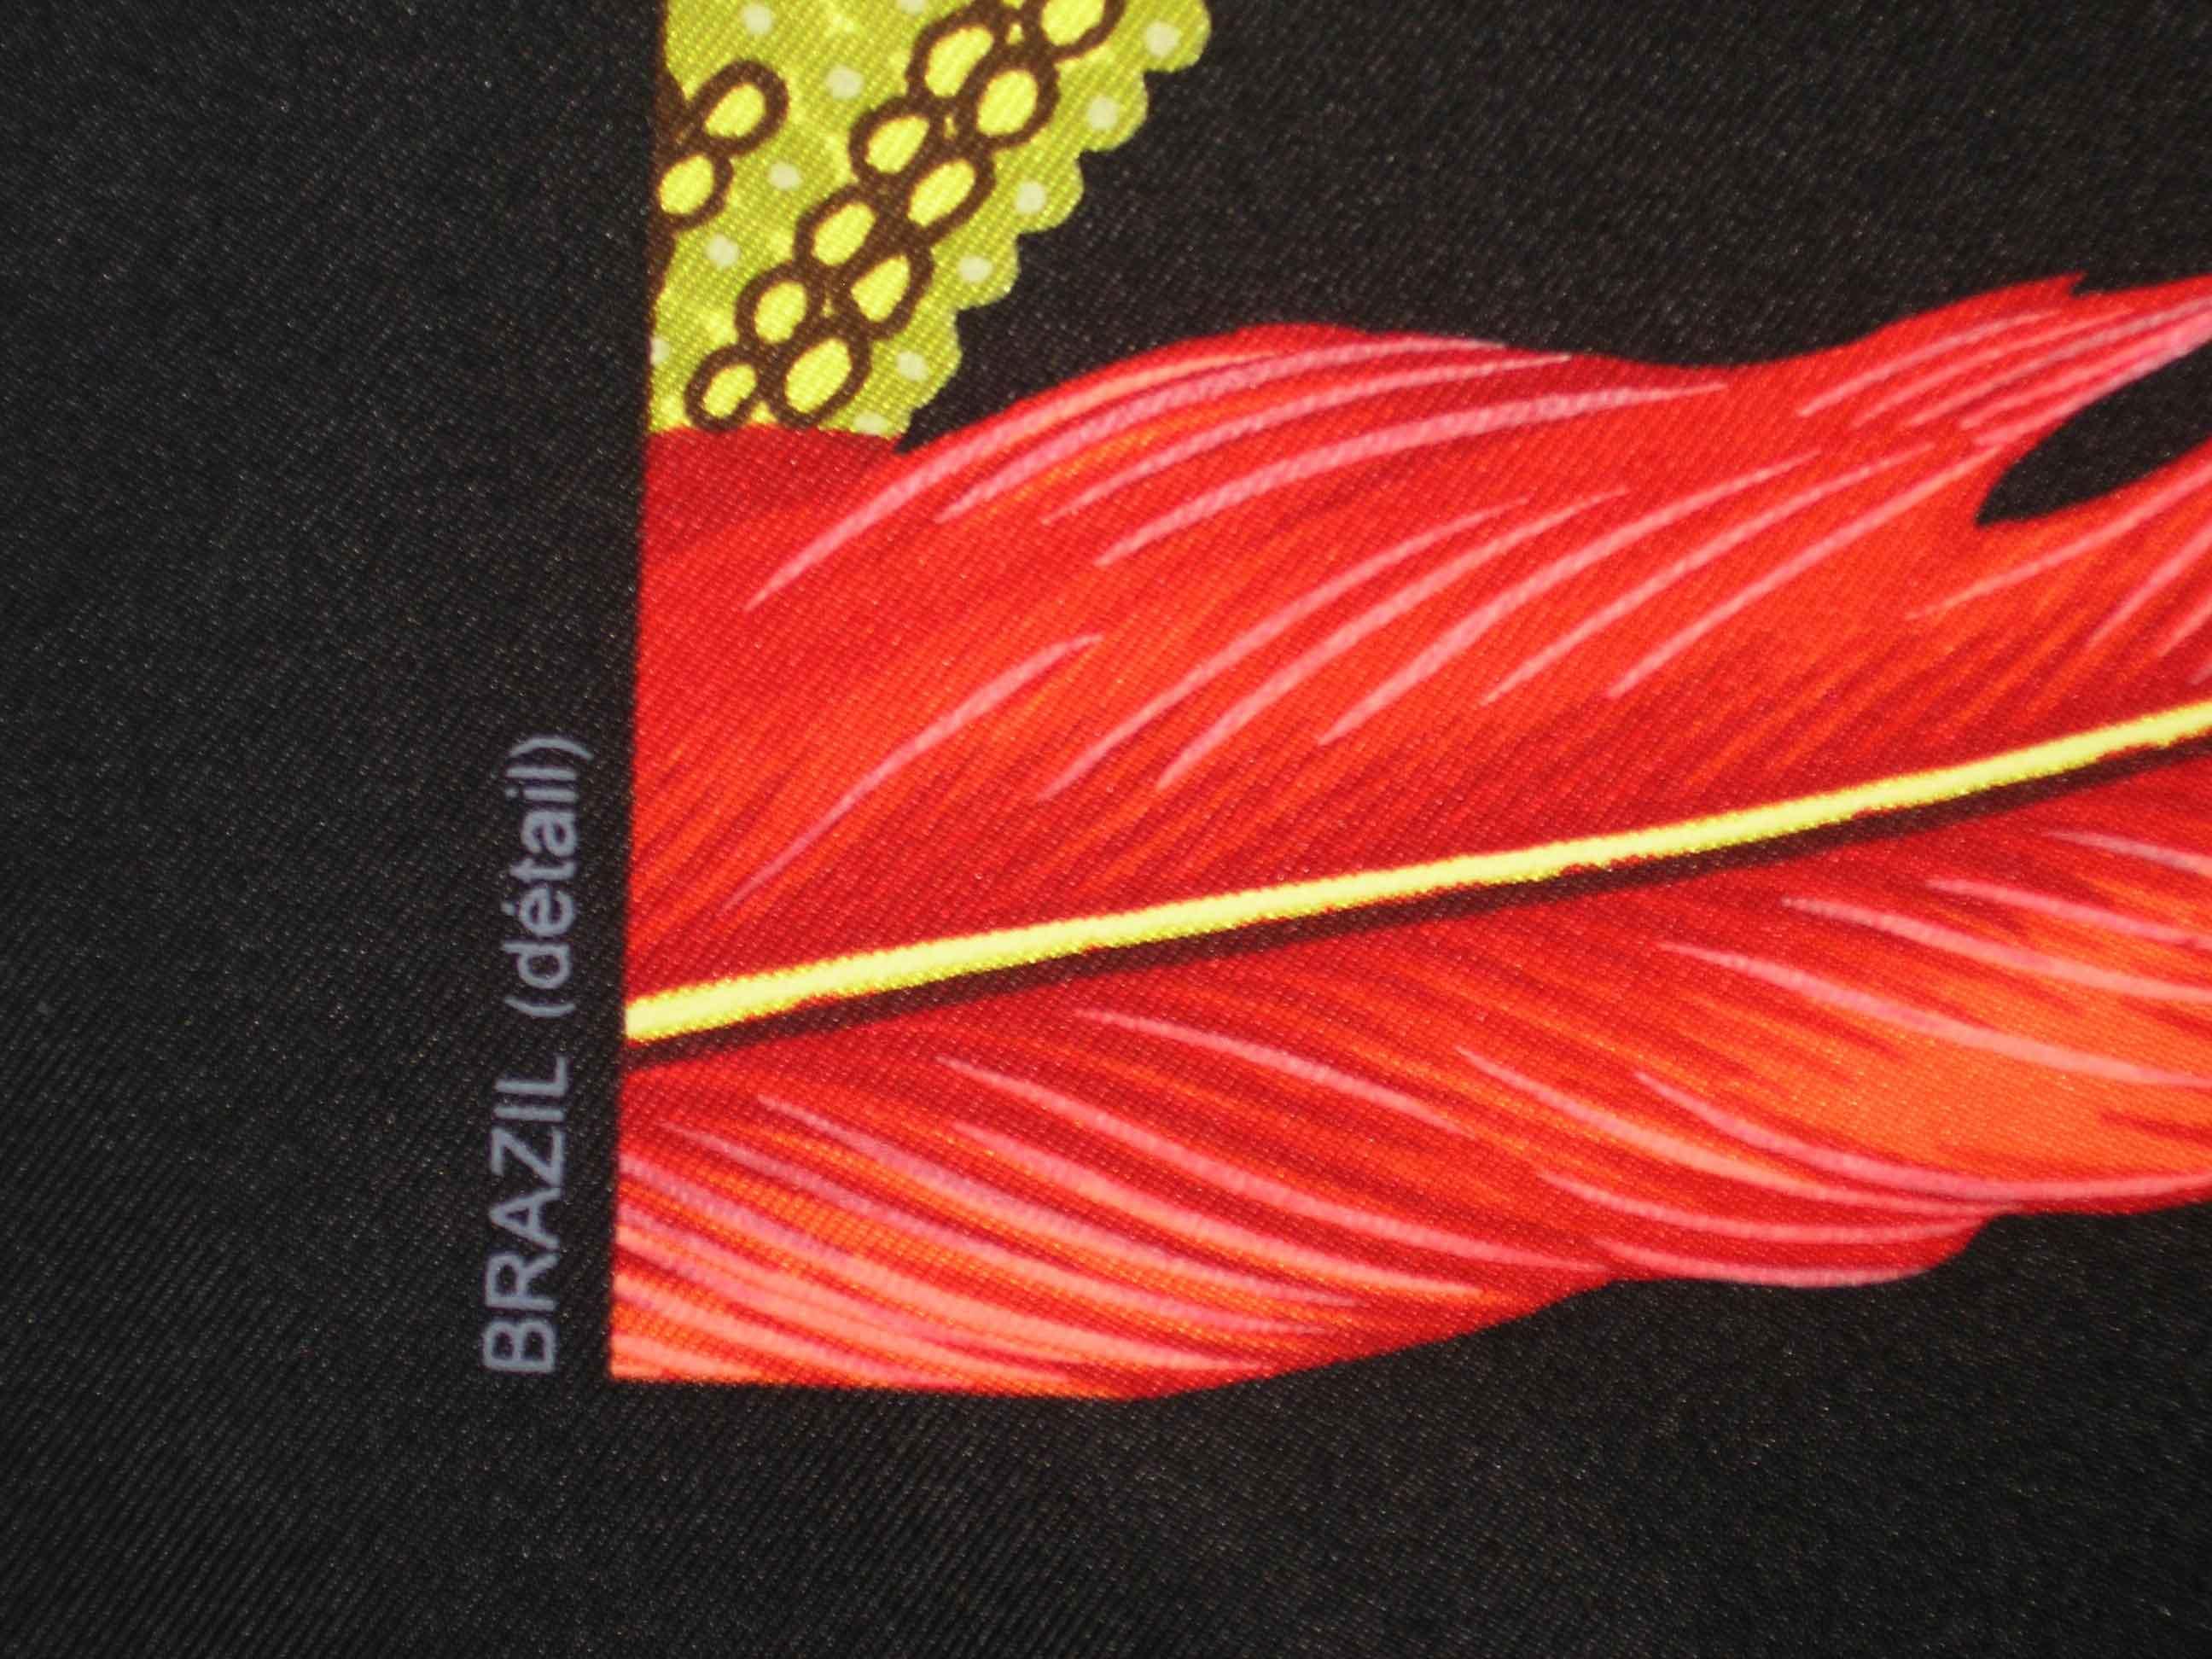 b1d632e46576 Brazil Detail Hermes Scarf - It s All Goode